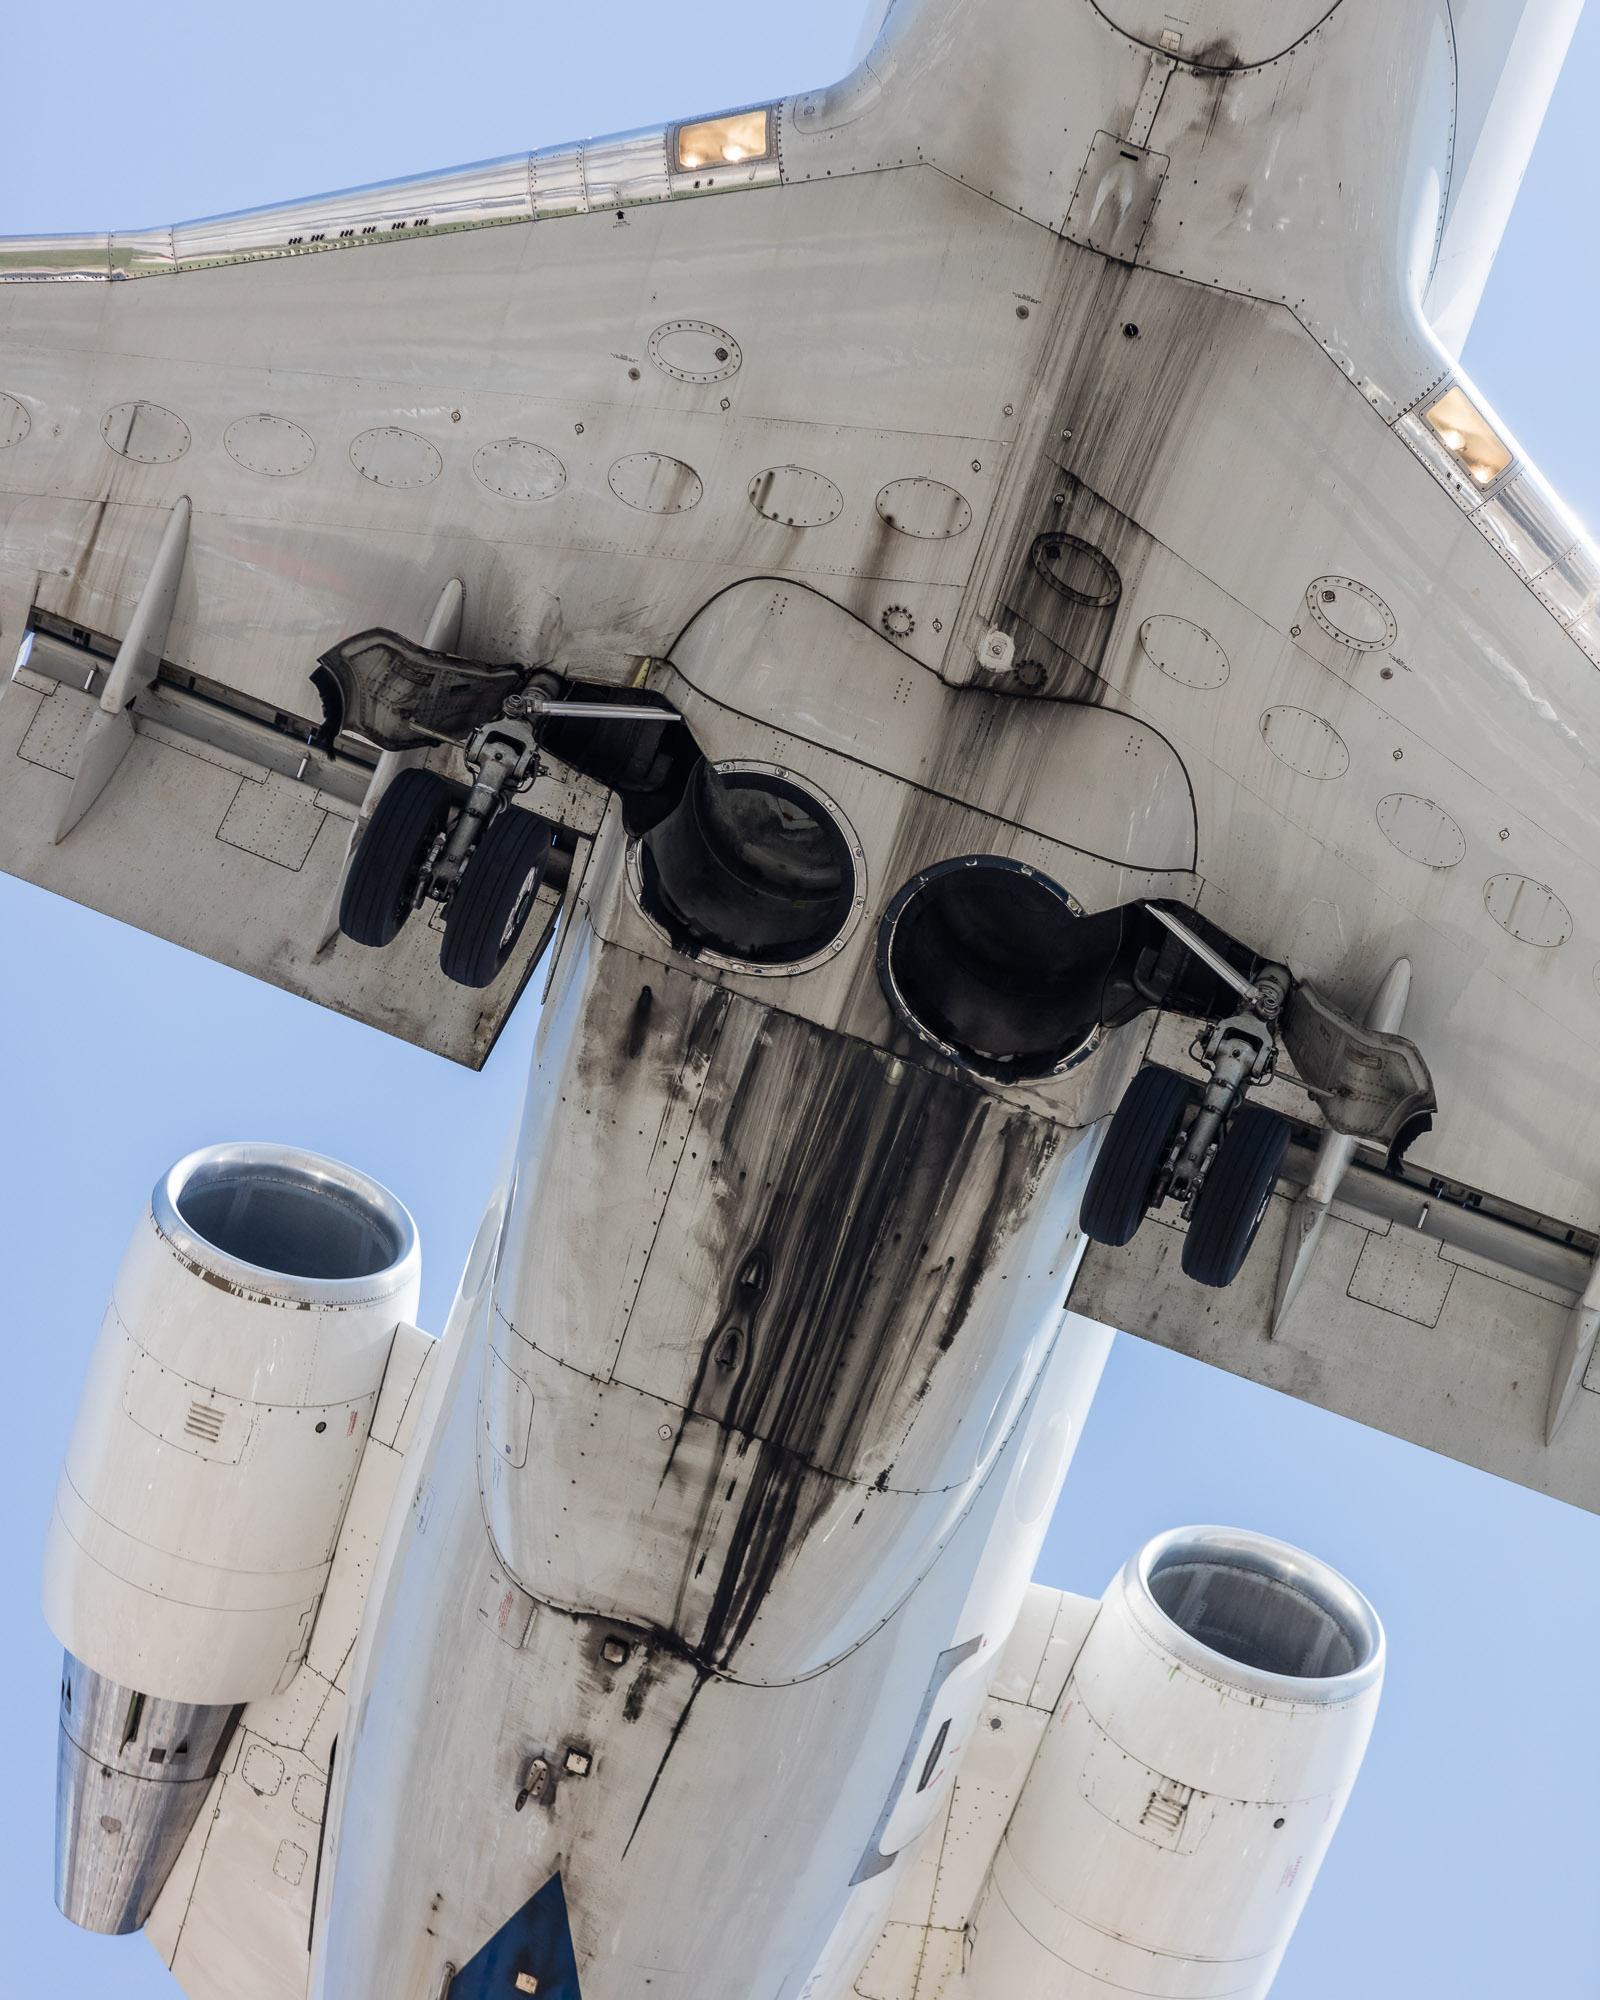 mike-kelley-final-approach-aviation-3.jpg